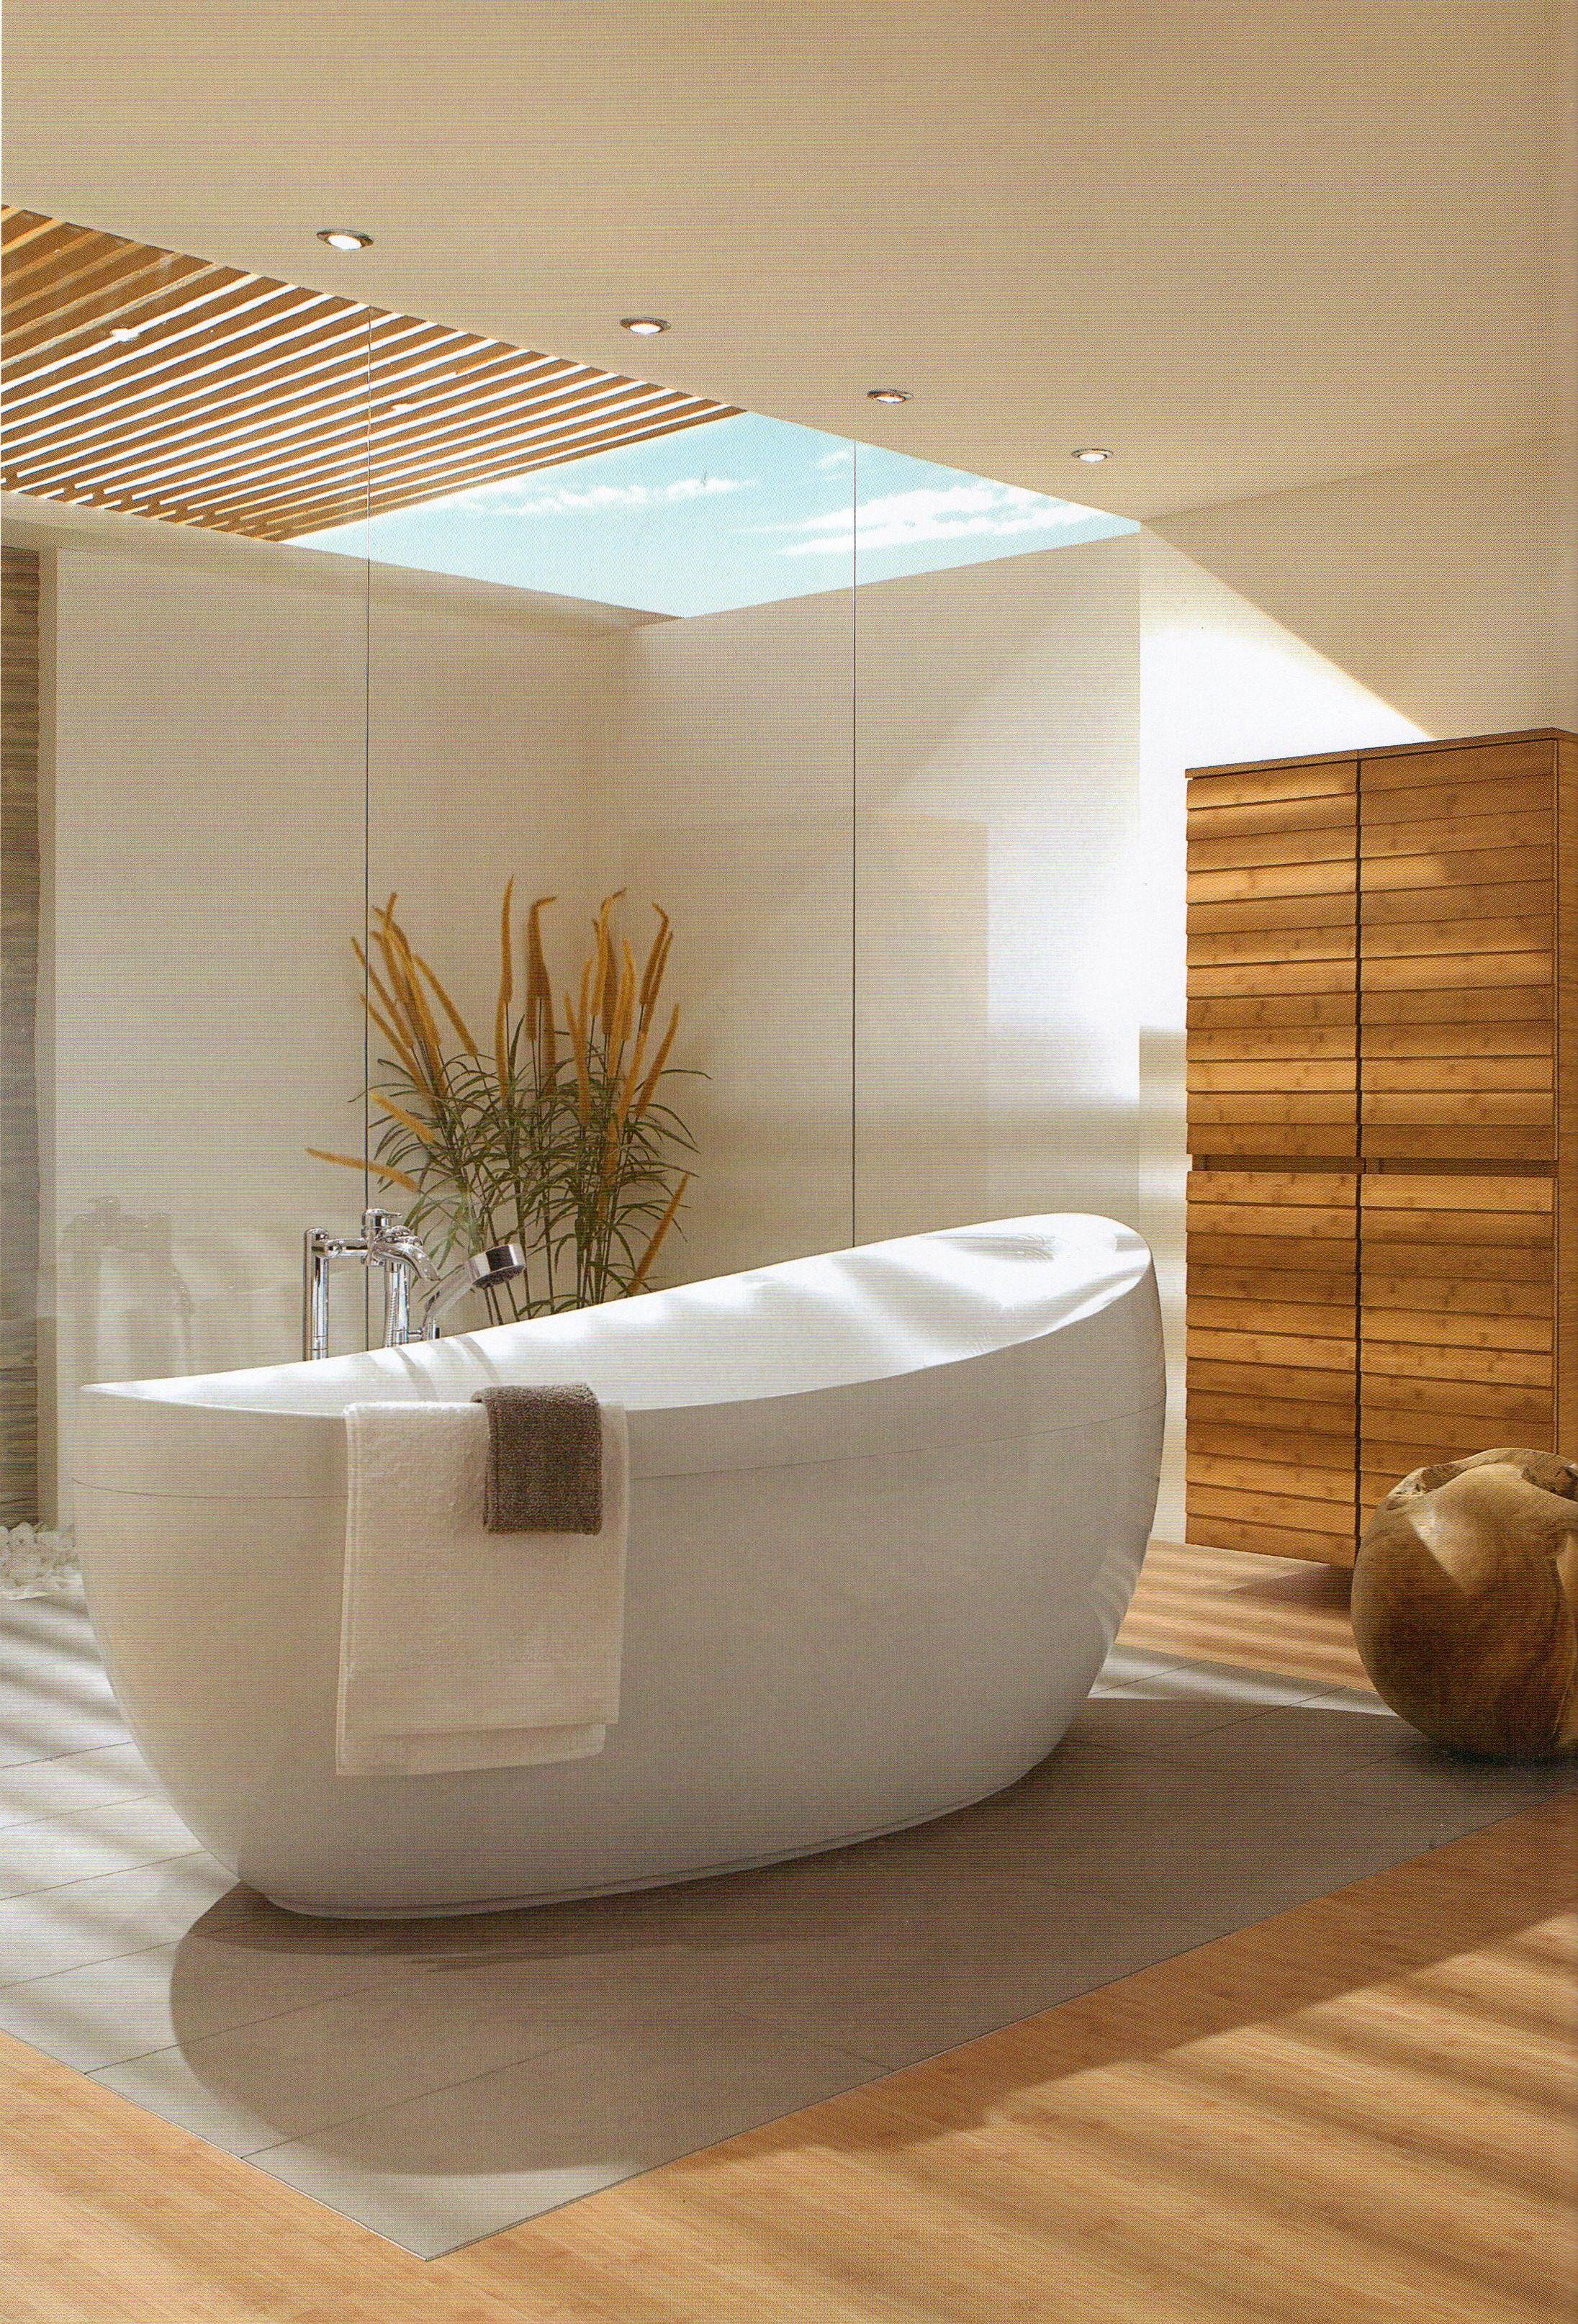 Freistehende Badewanne Badewannen Entspannung Badezimmer Kreativ Architektur Badgestaltung Inspiration Moderne Badgestaltung